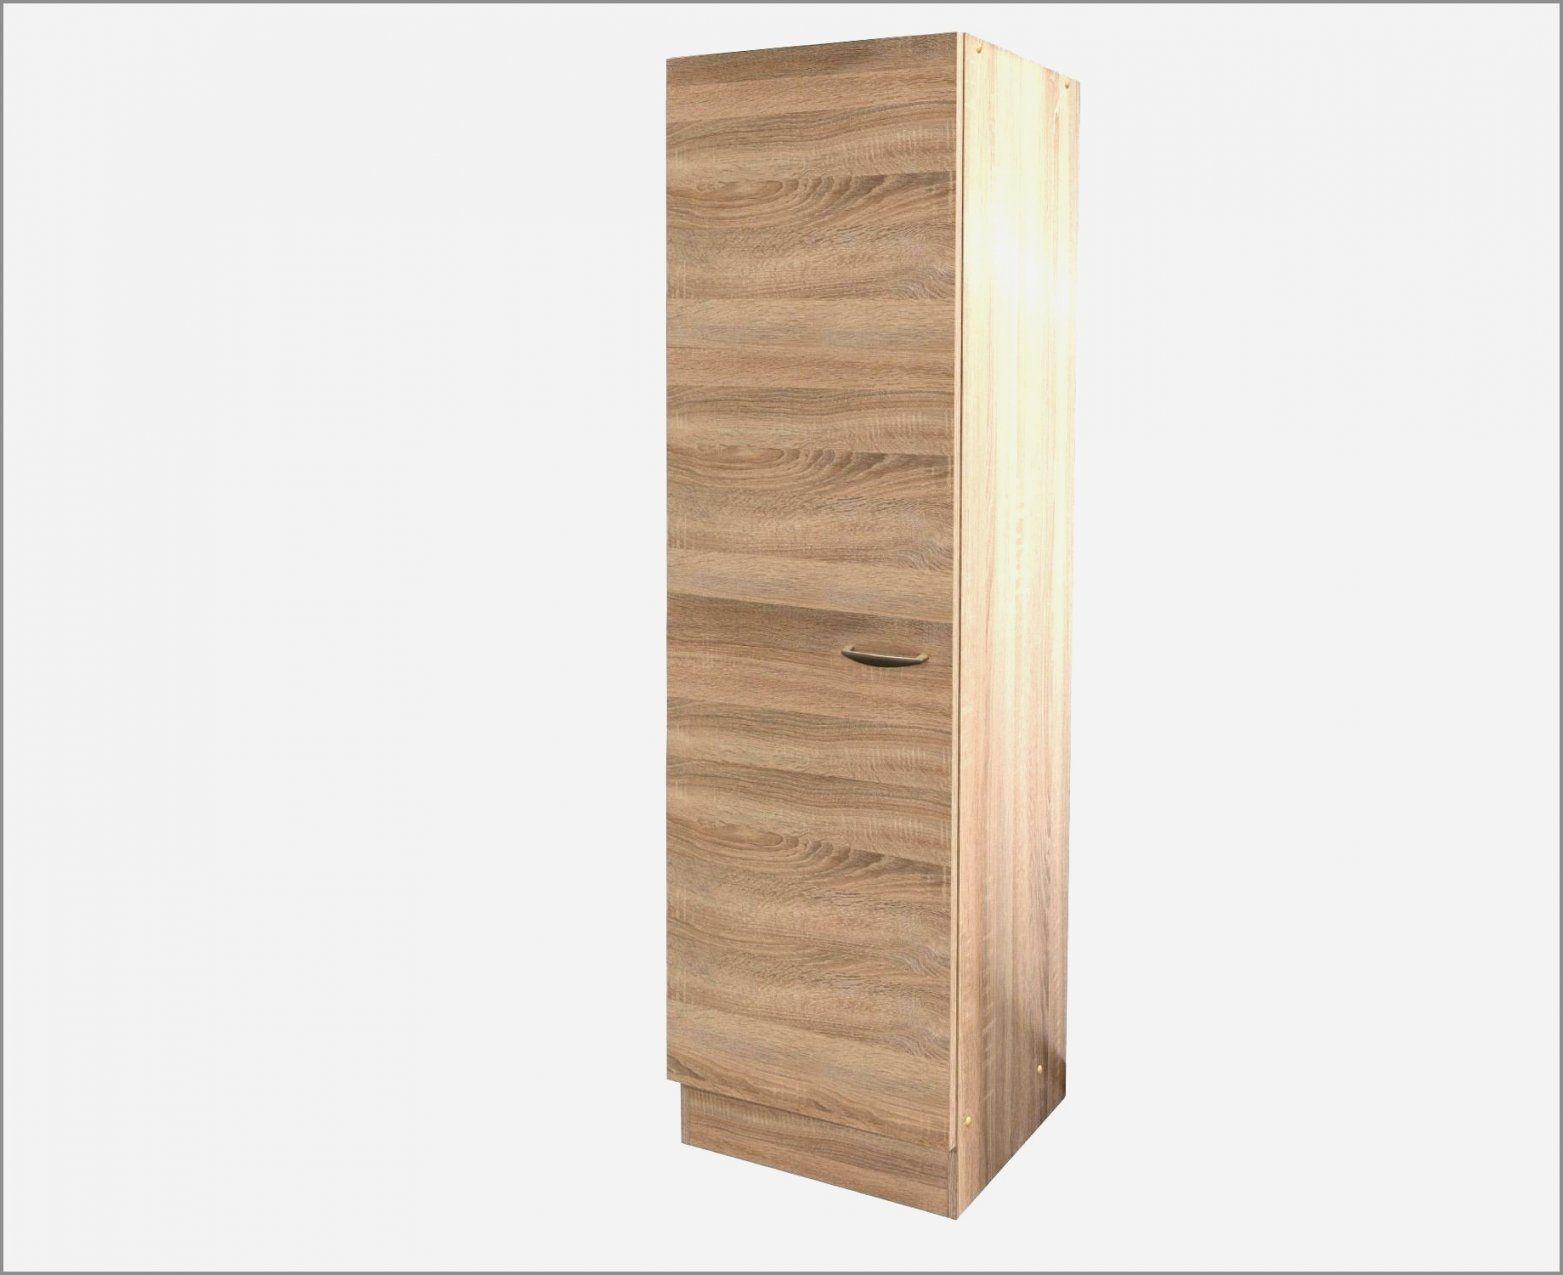 ikea k chen hochschrank 30 cm breit clipart k che ikea hochschrank k che 30 cm breit neu. Black Bedroom Furniture Sets. Home Design Ideas